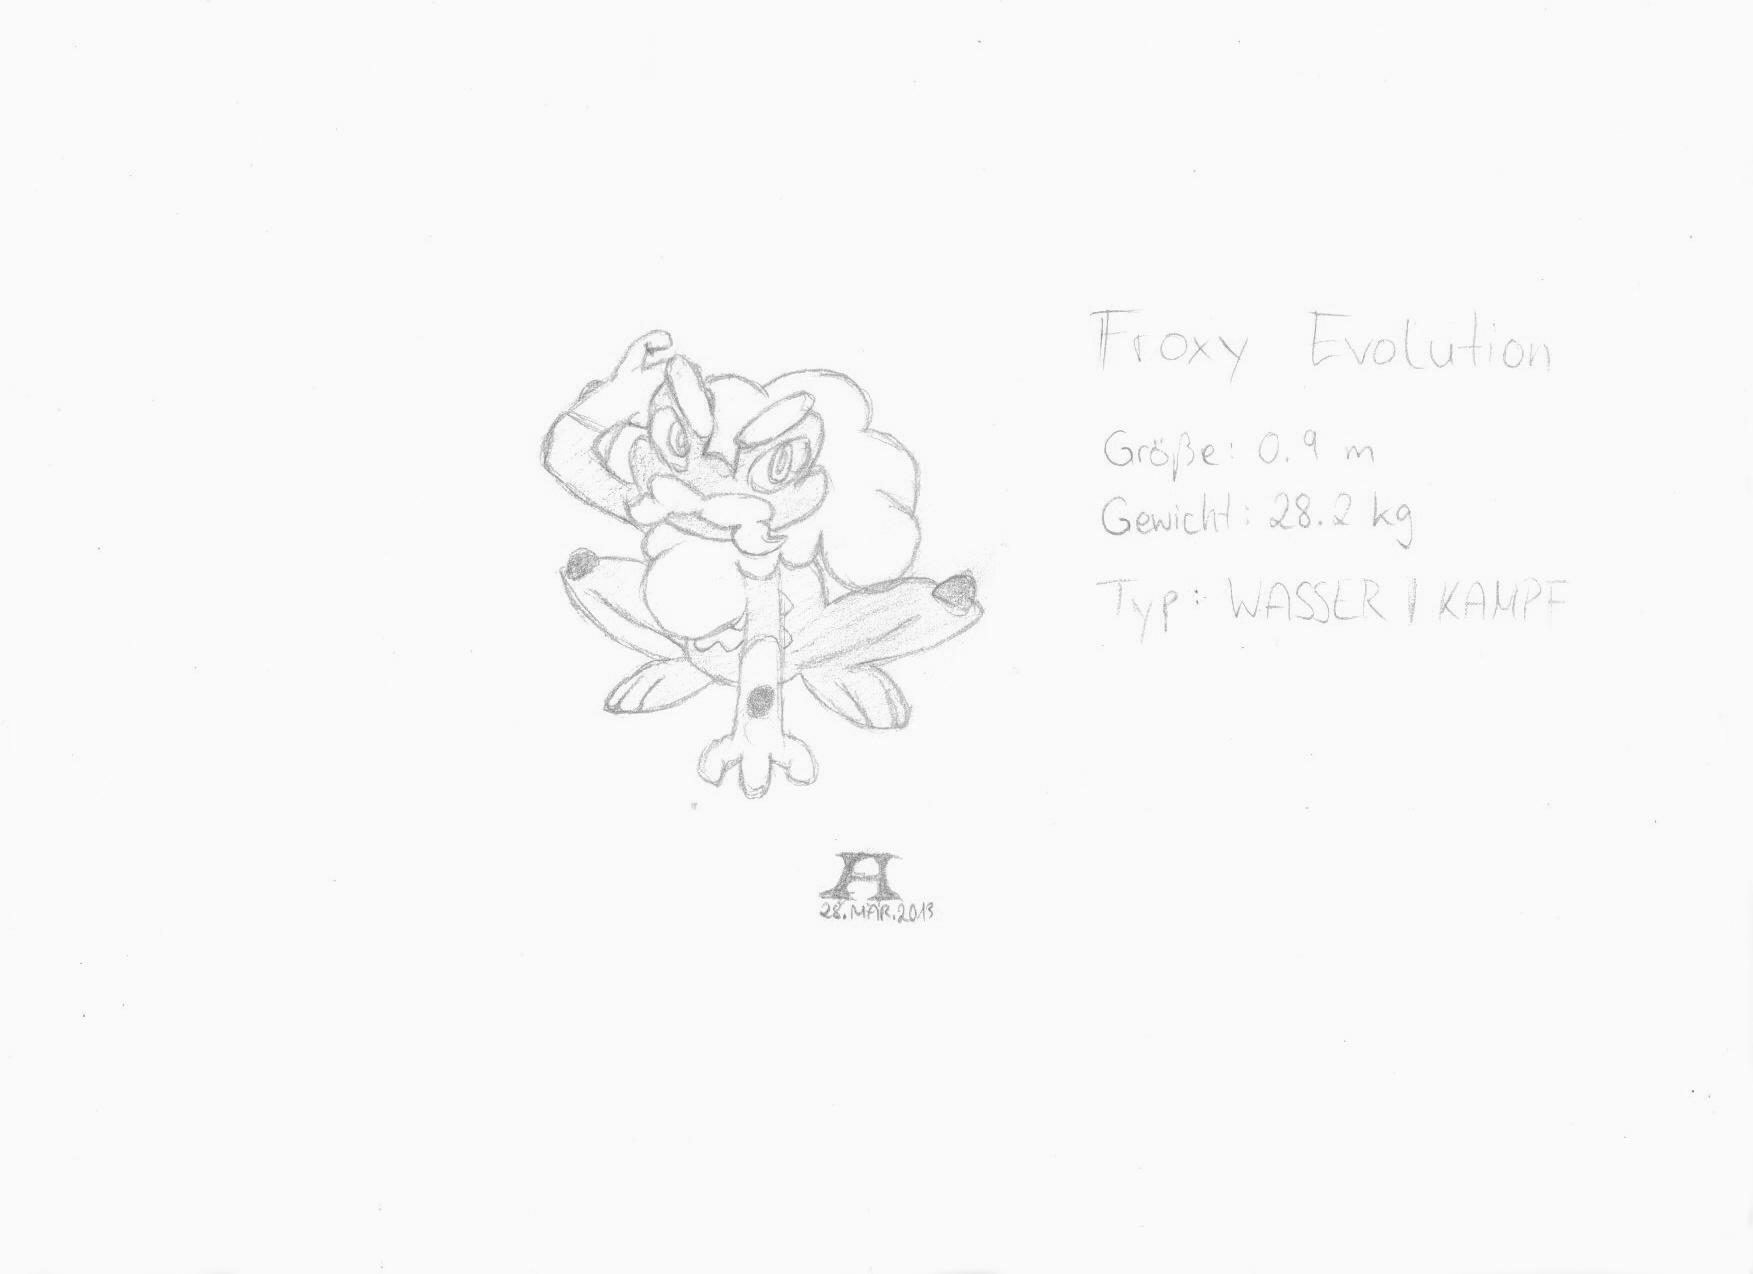 Pokémon-Zeichnung: Froxy Entwicklung